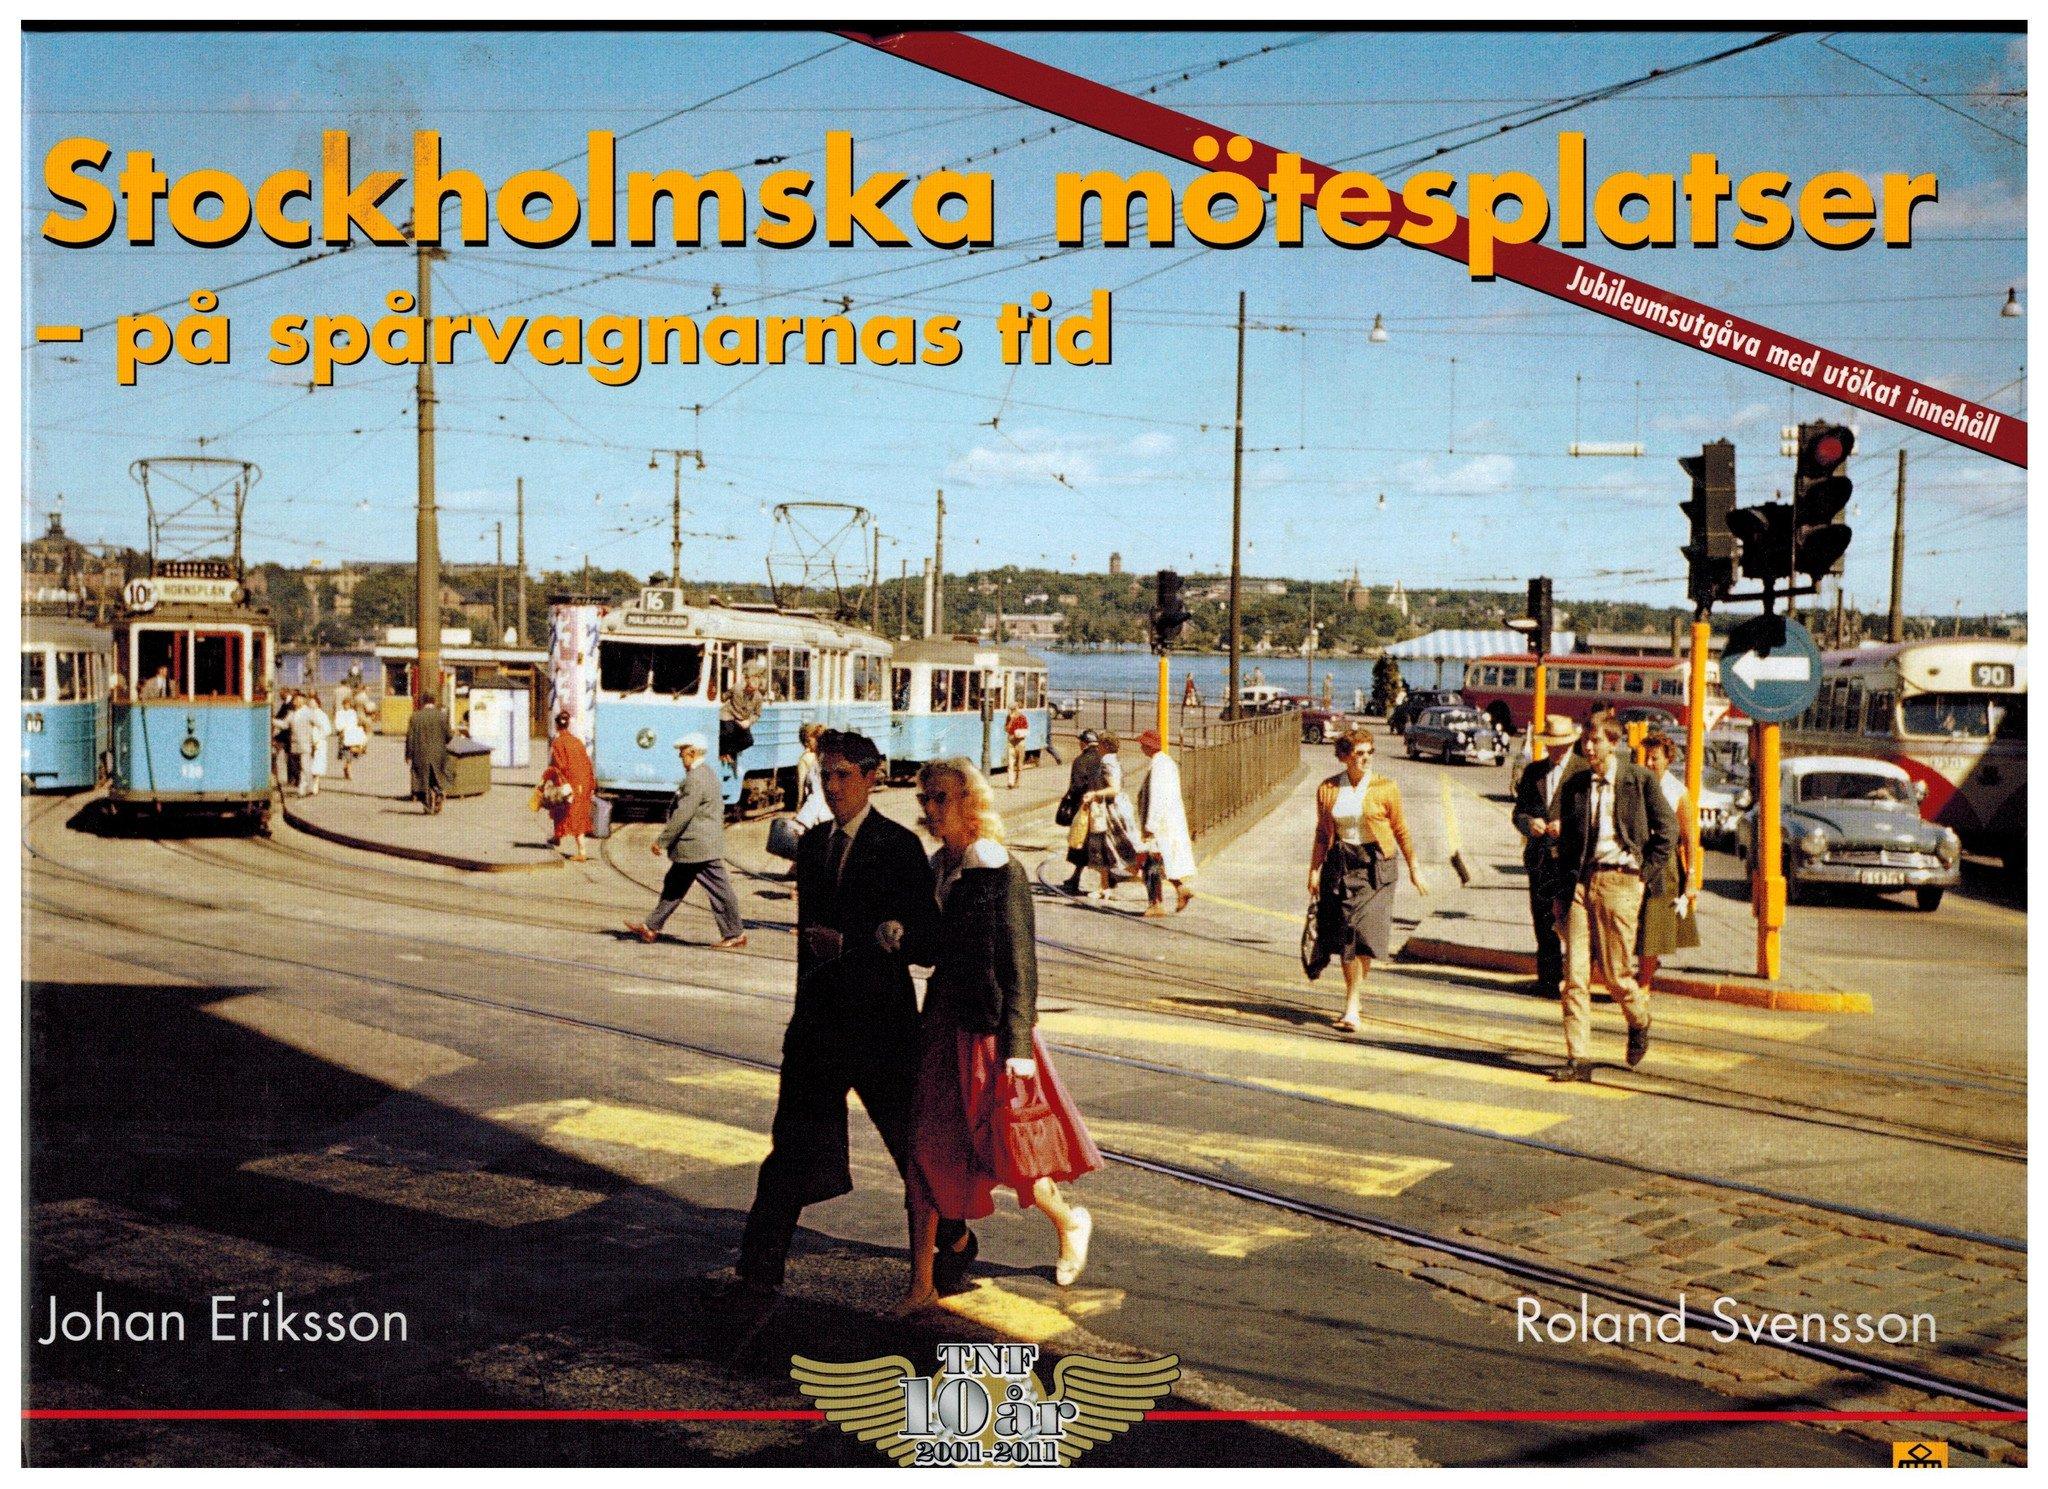 Stockholmska mötesplatser - på spårvagnarnas tid